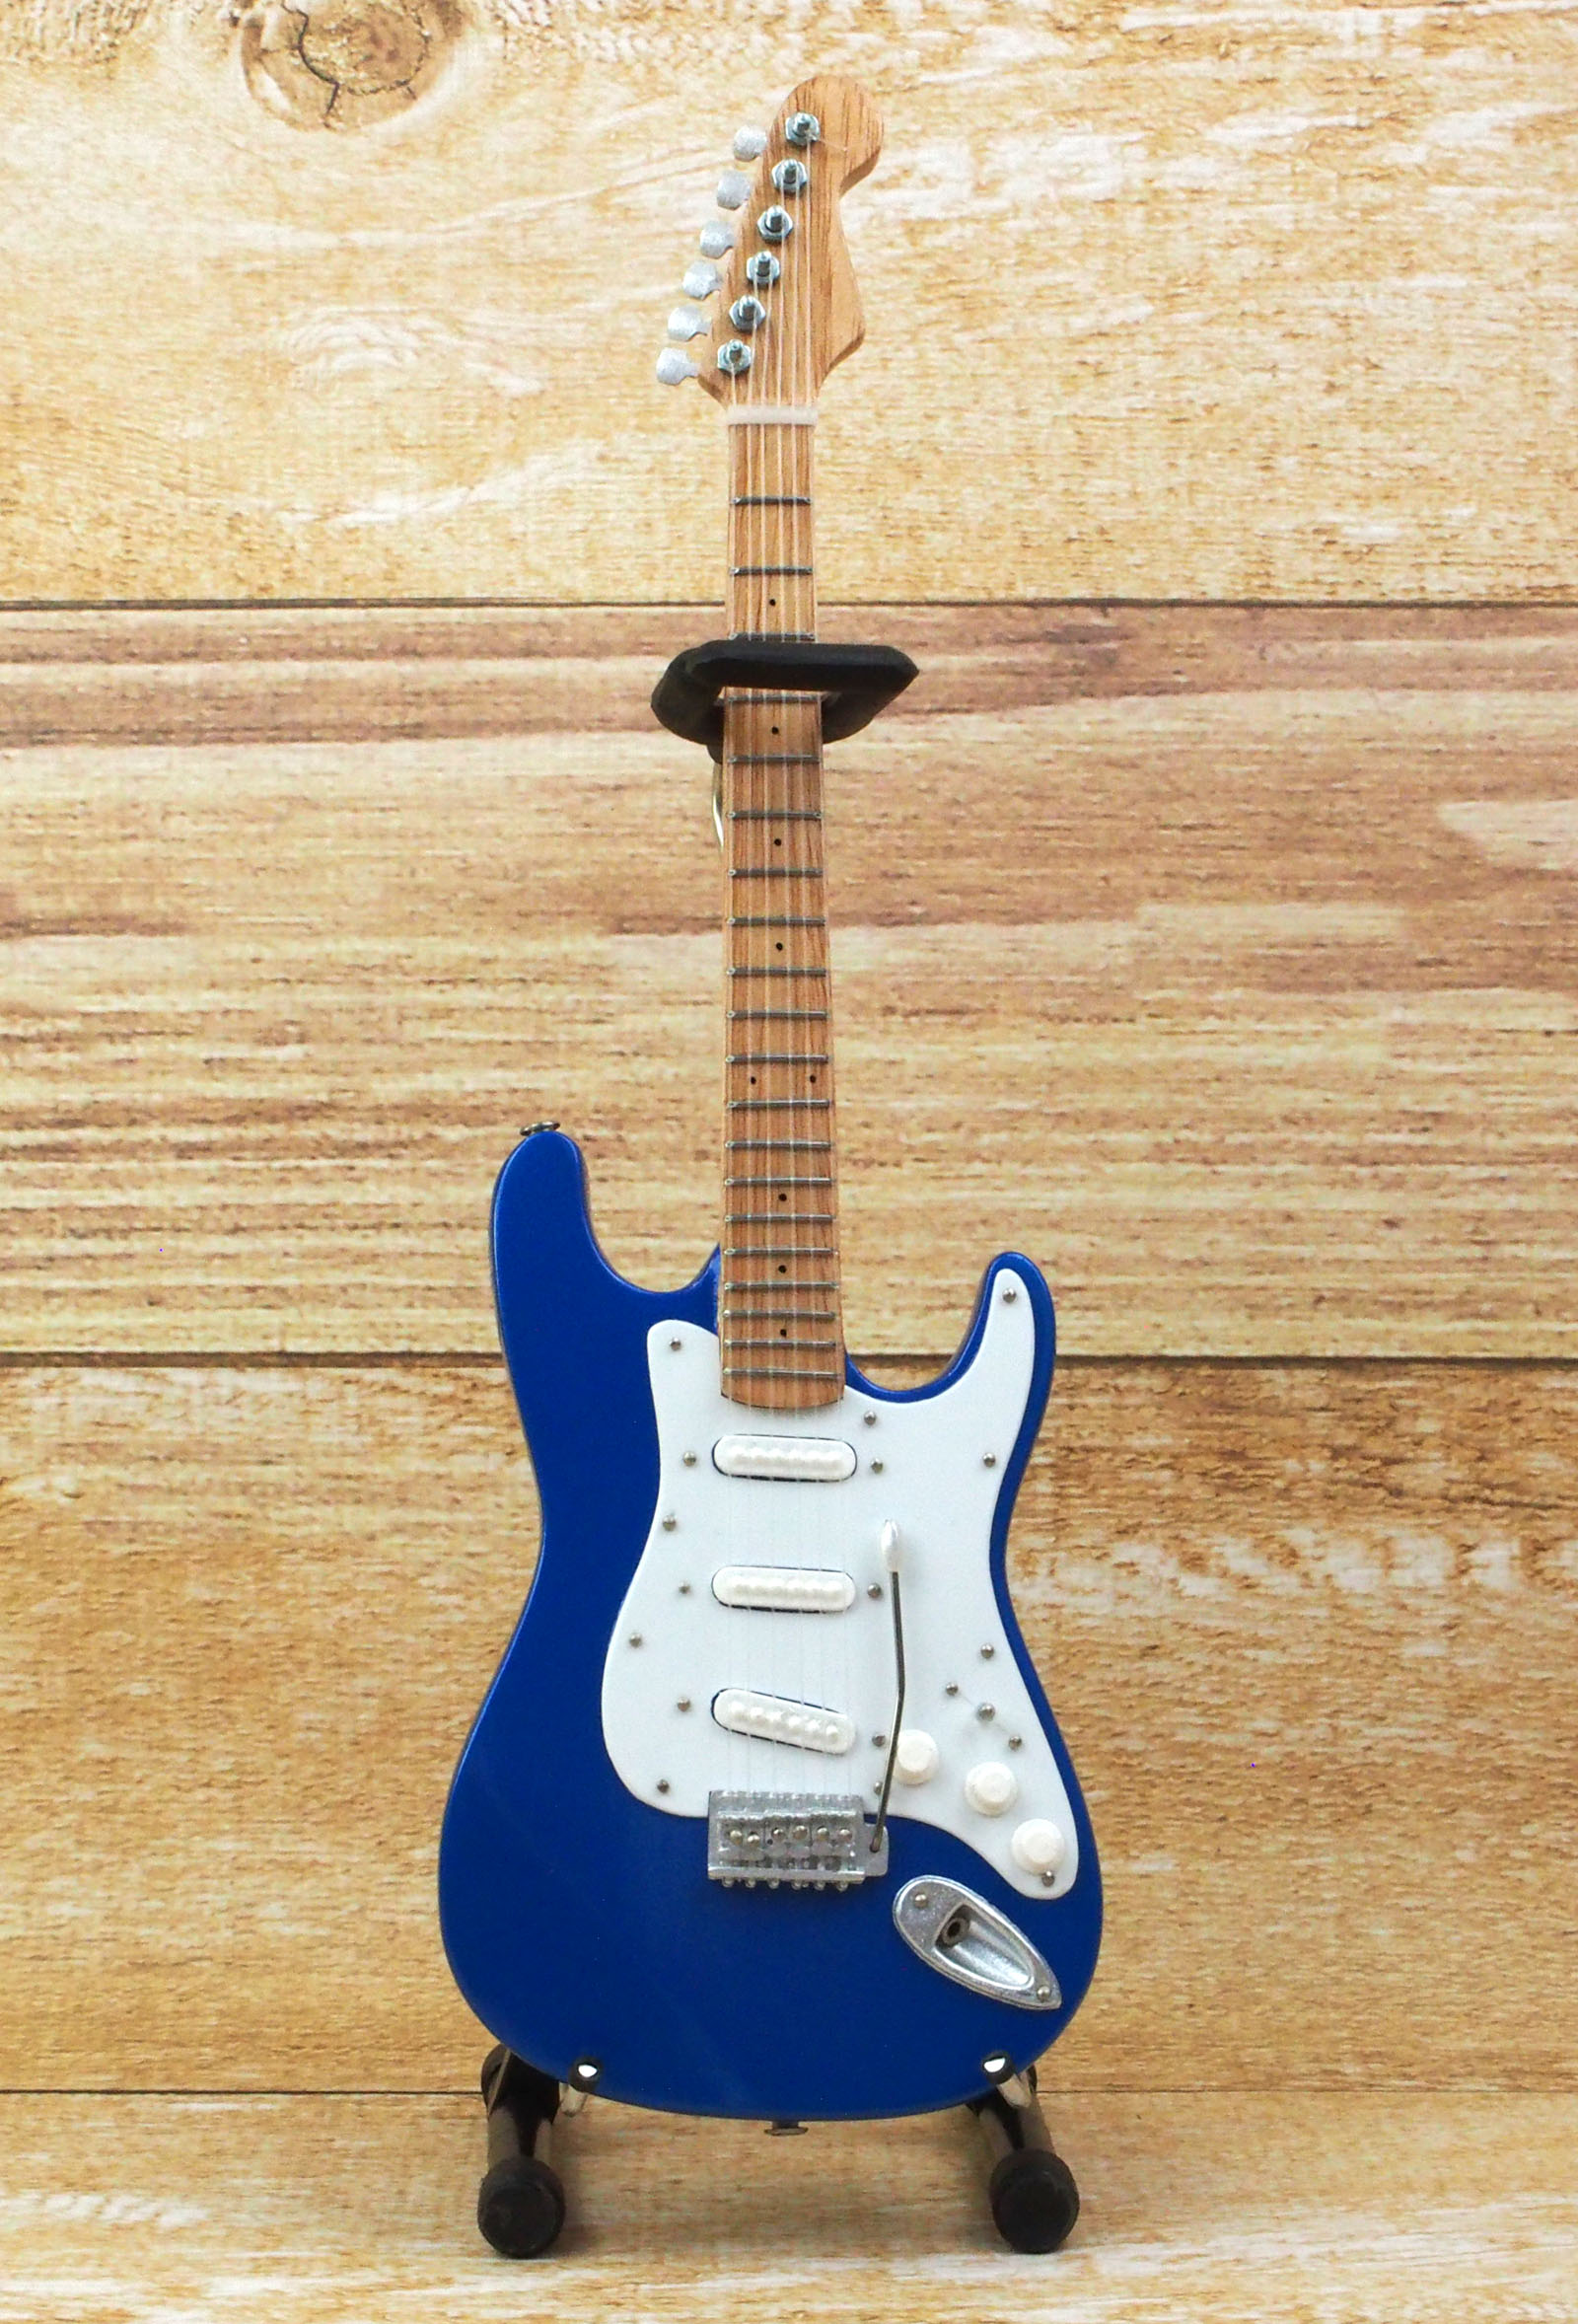 Musical Story ミニチュア ギター フィギュア アメリカン ストラトキャスター コブラ ブルー スタイル画像